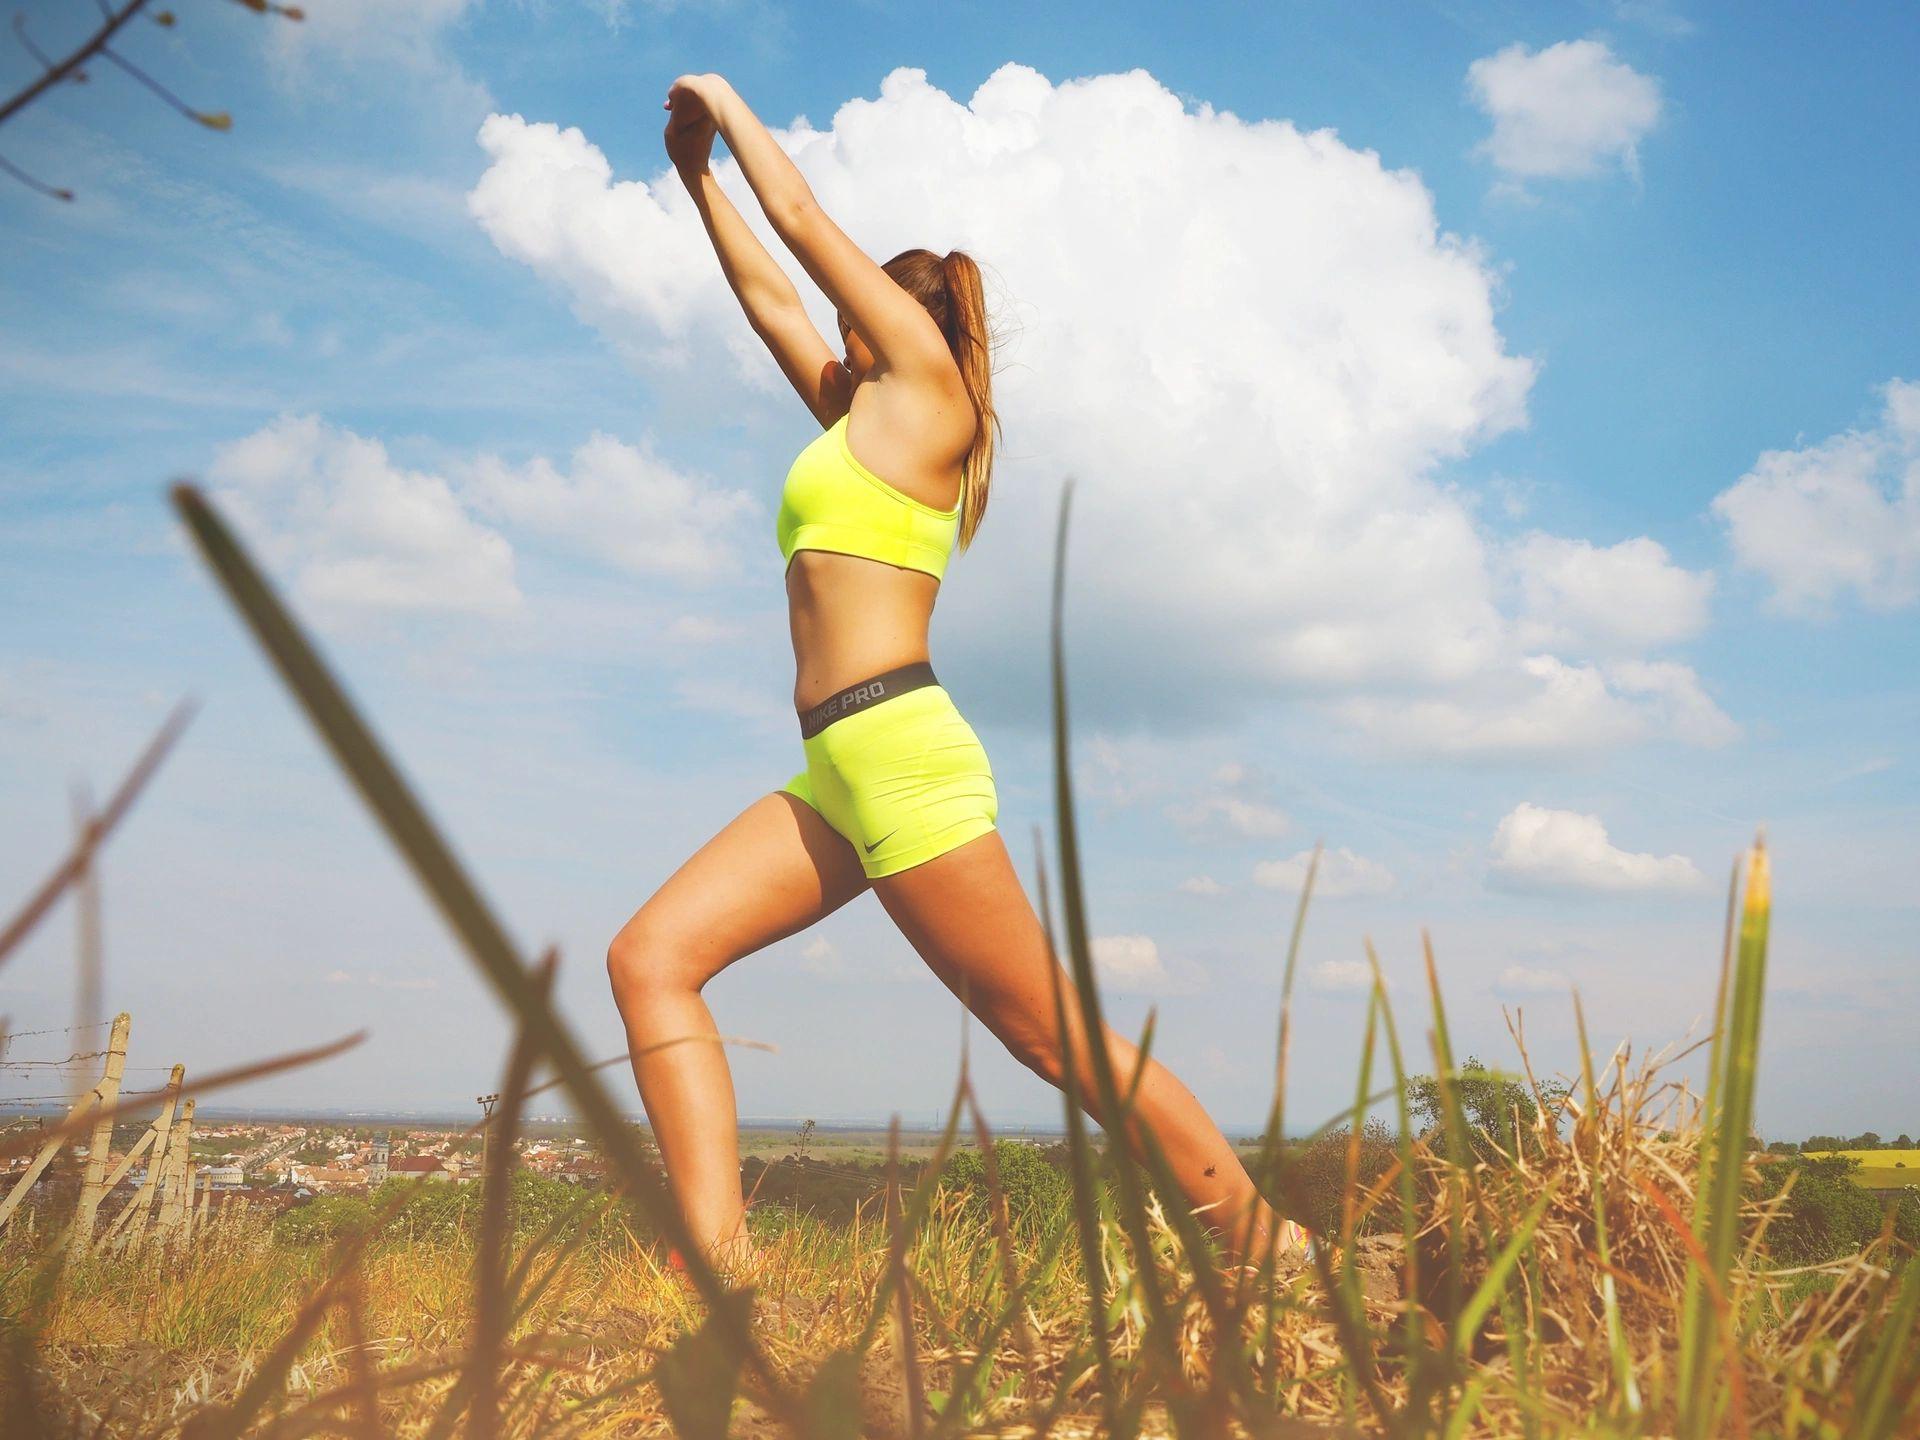 מה הקשר בין עייפות כרונית, סטרס ועליה במשקל?